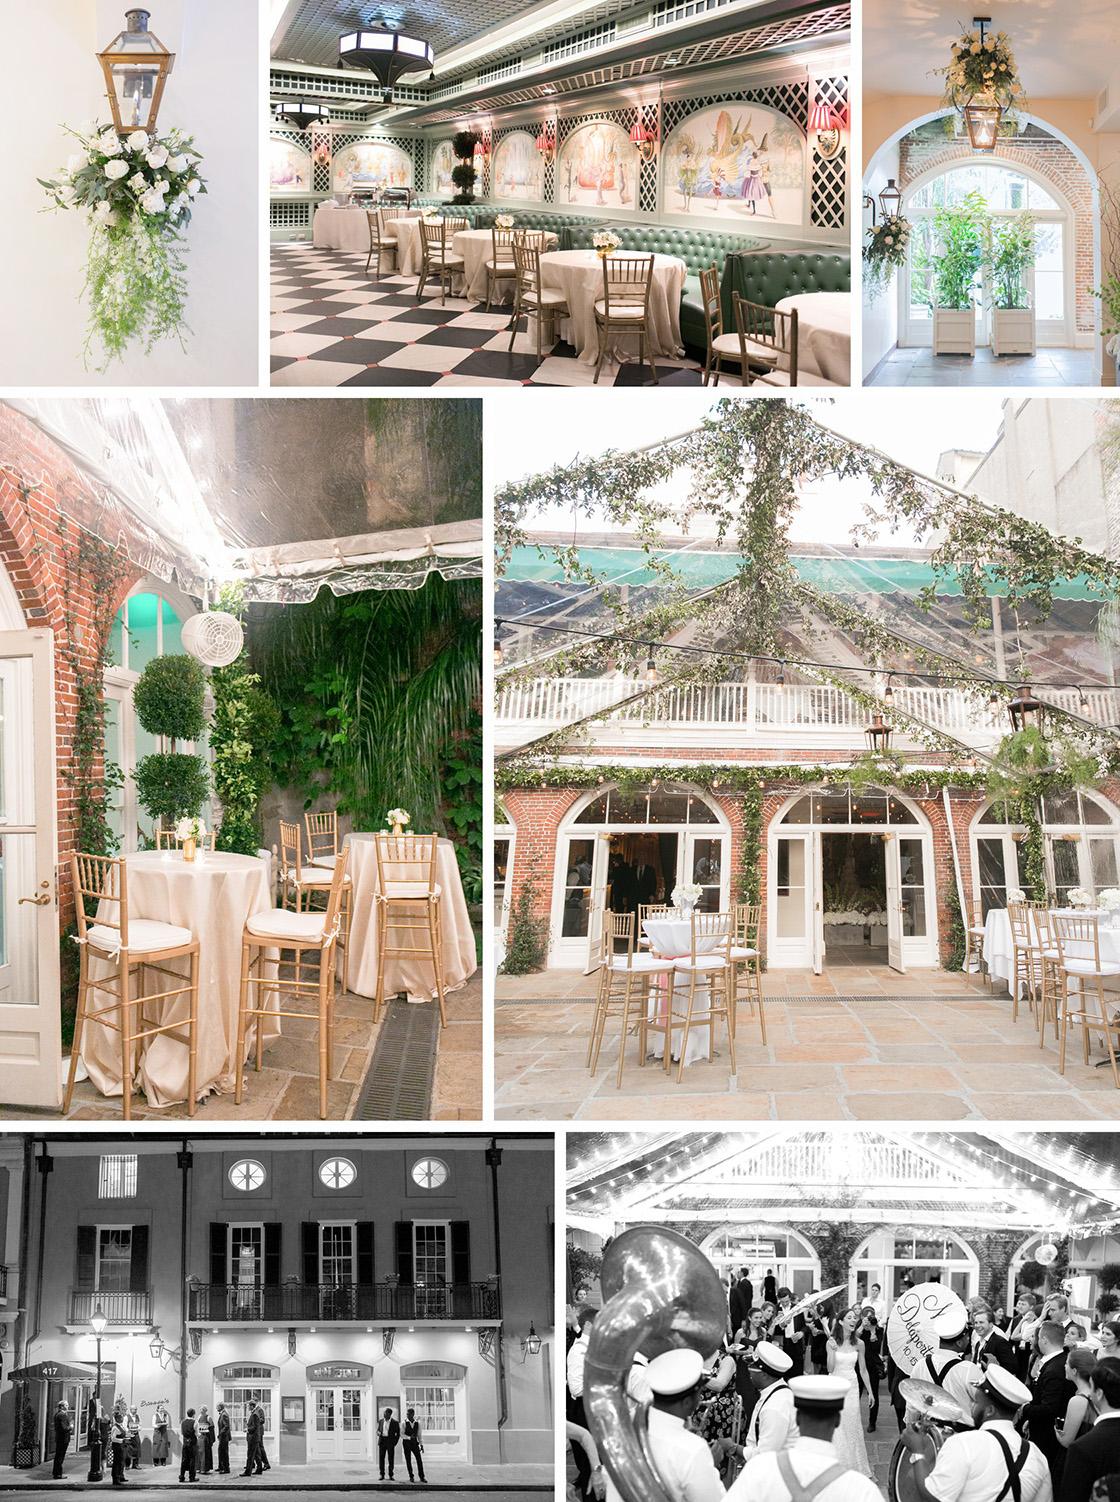 brennans-courtyard